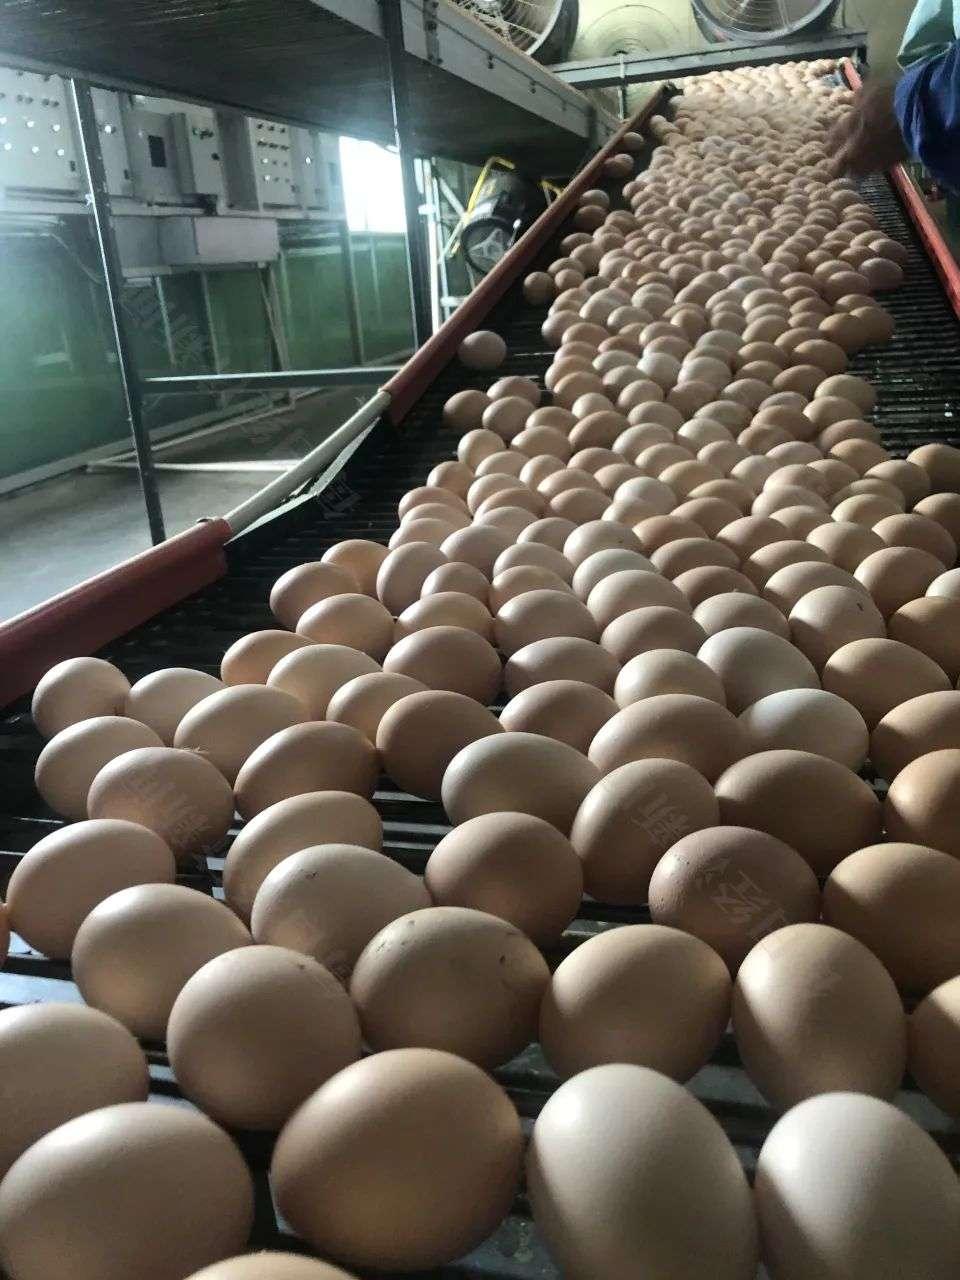 """土鸡蛋的""""金黄生意"""":这家公司一年卖出超2亿元着色剂,很多养殖户都在用"""